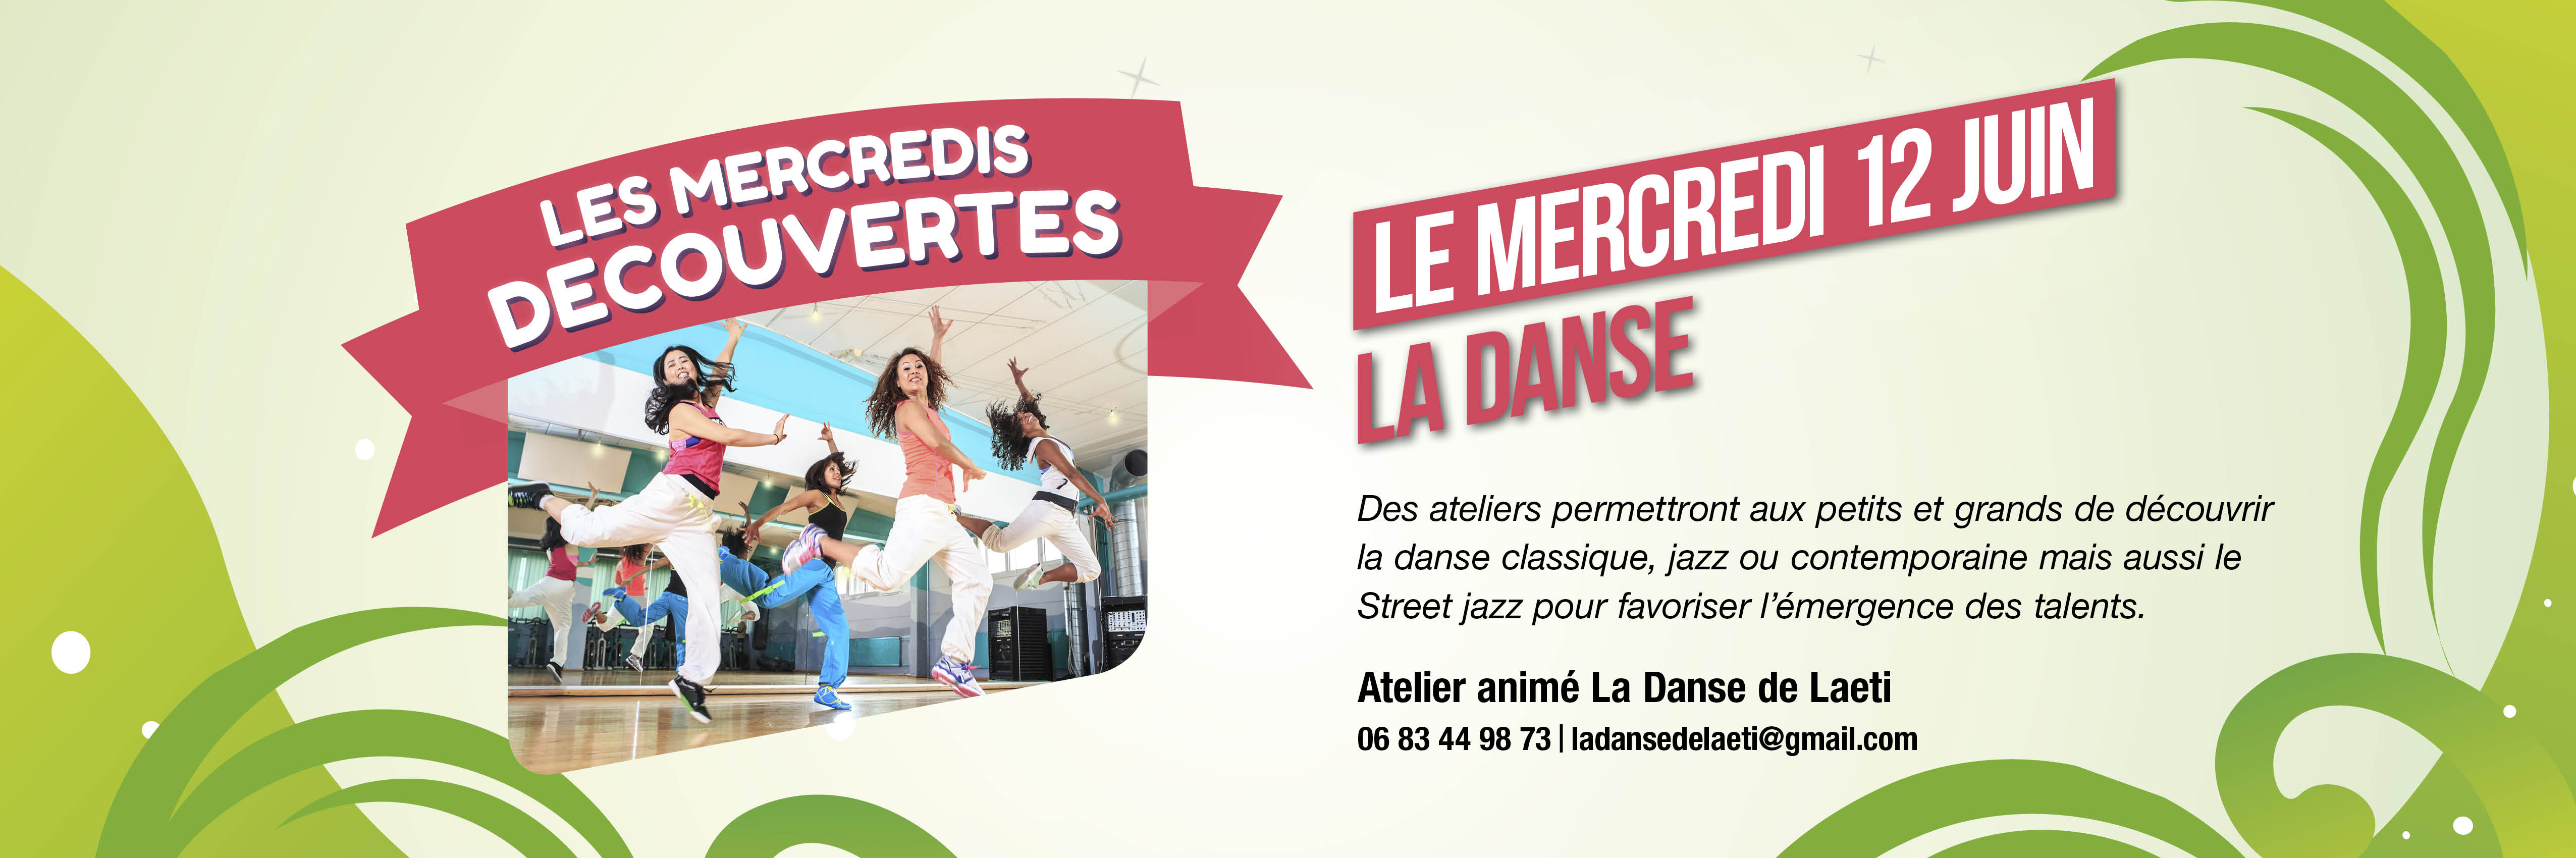 slider_danse